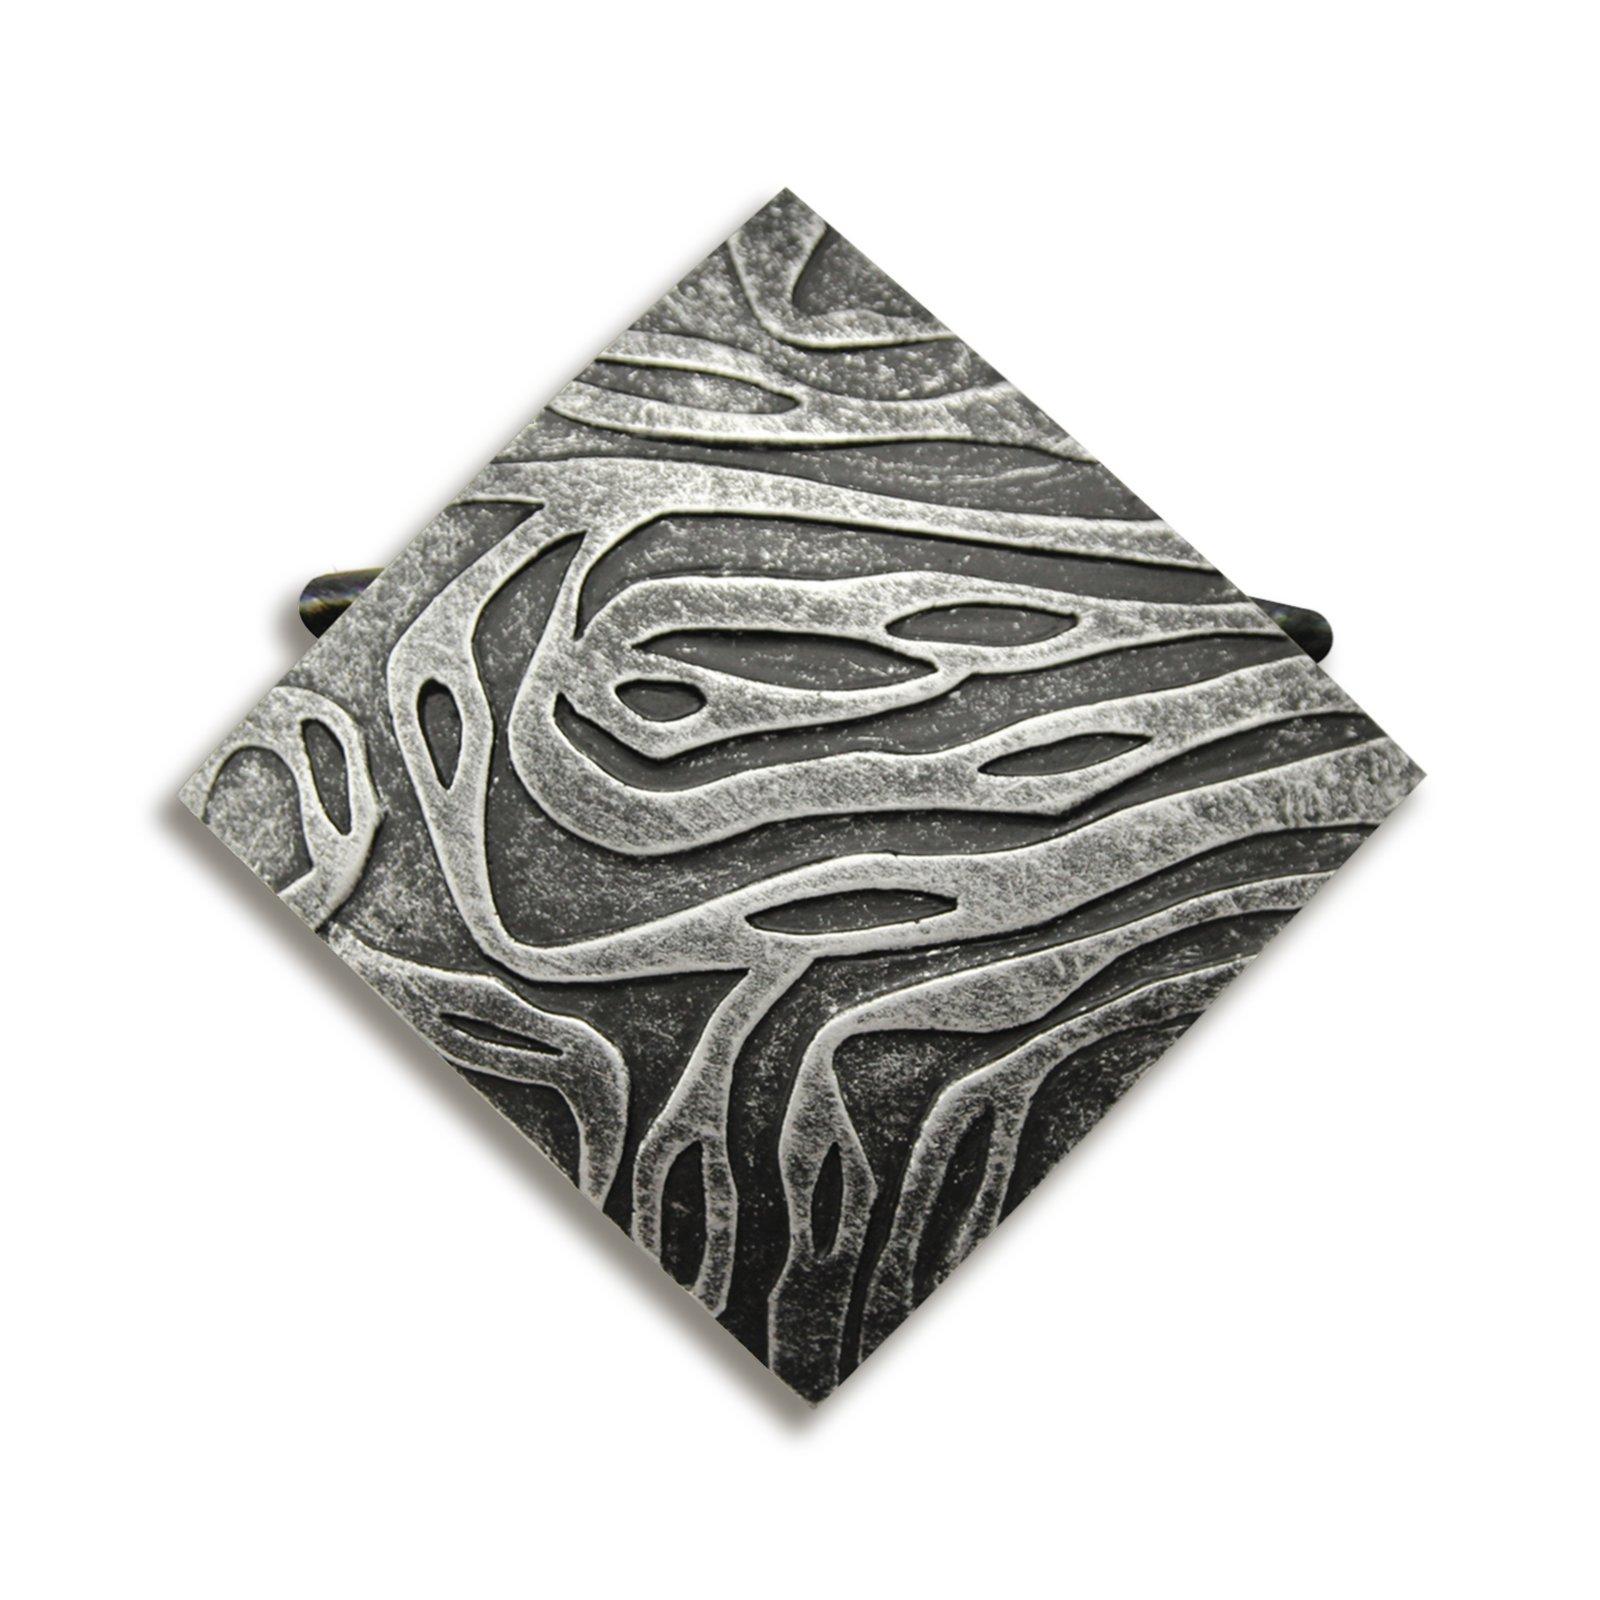 raffhalter zebra schwarz silber 7x7 cm gardinenstangen gardinen zubeh r gardinen. Black Bedroom Furniture Sets. Home Design Ideas